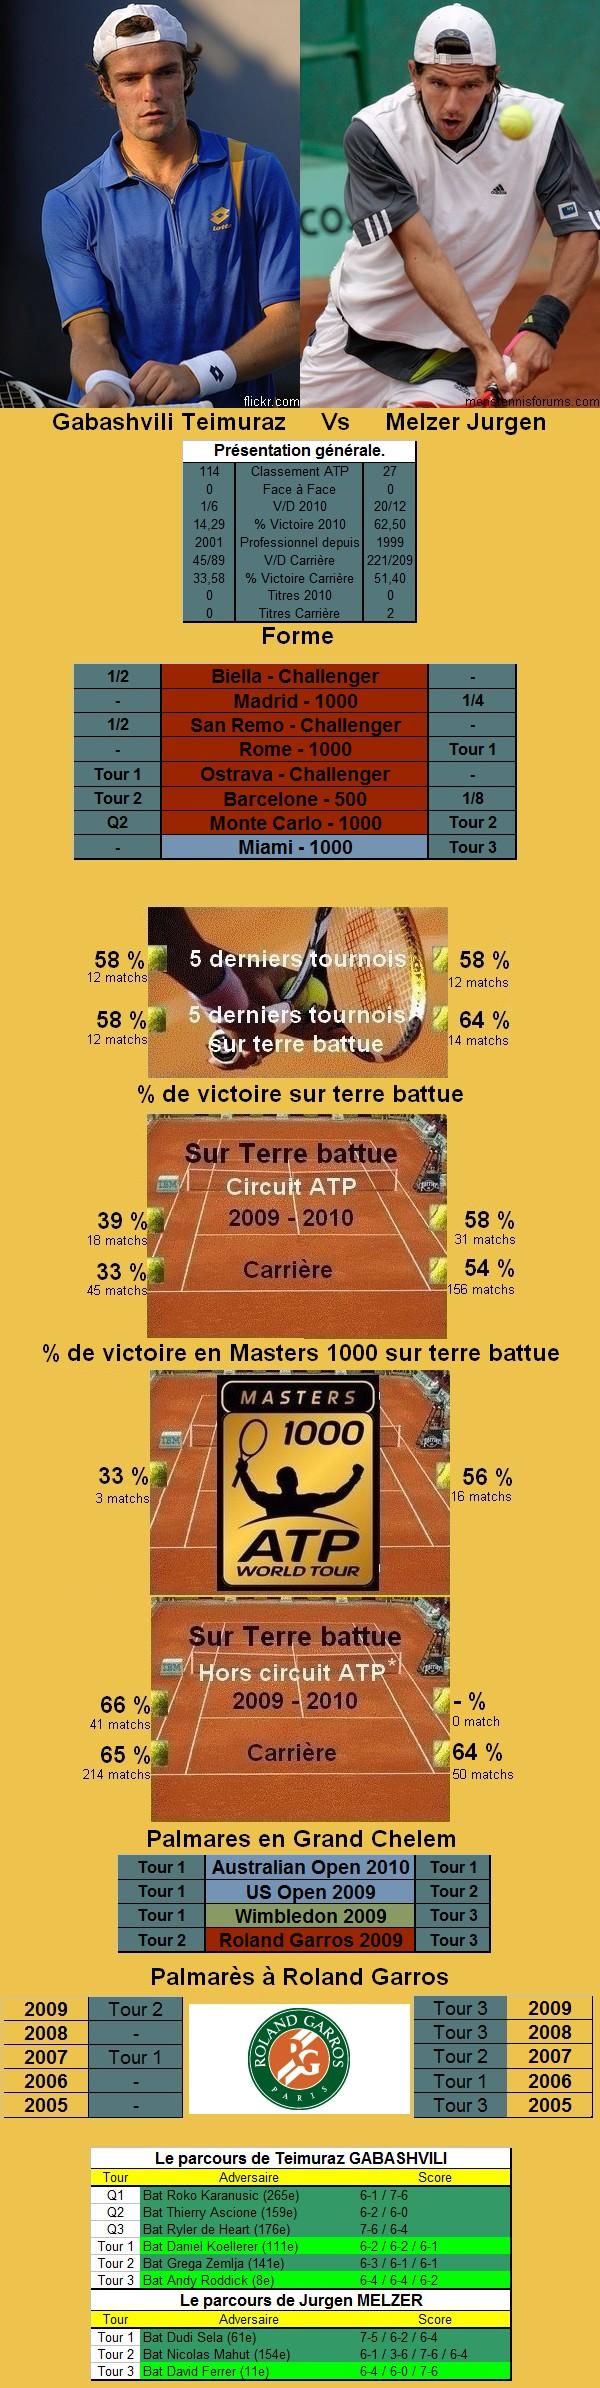 Statistiques tennis de Gabashvili contre Melzer à Roland Garros